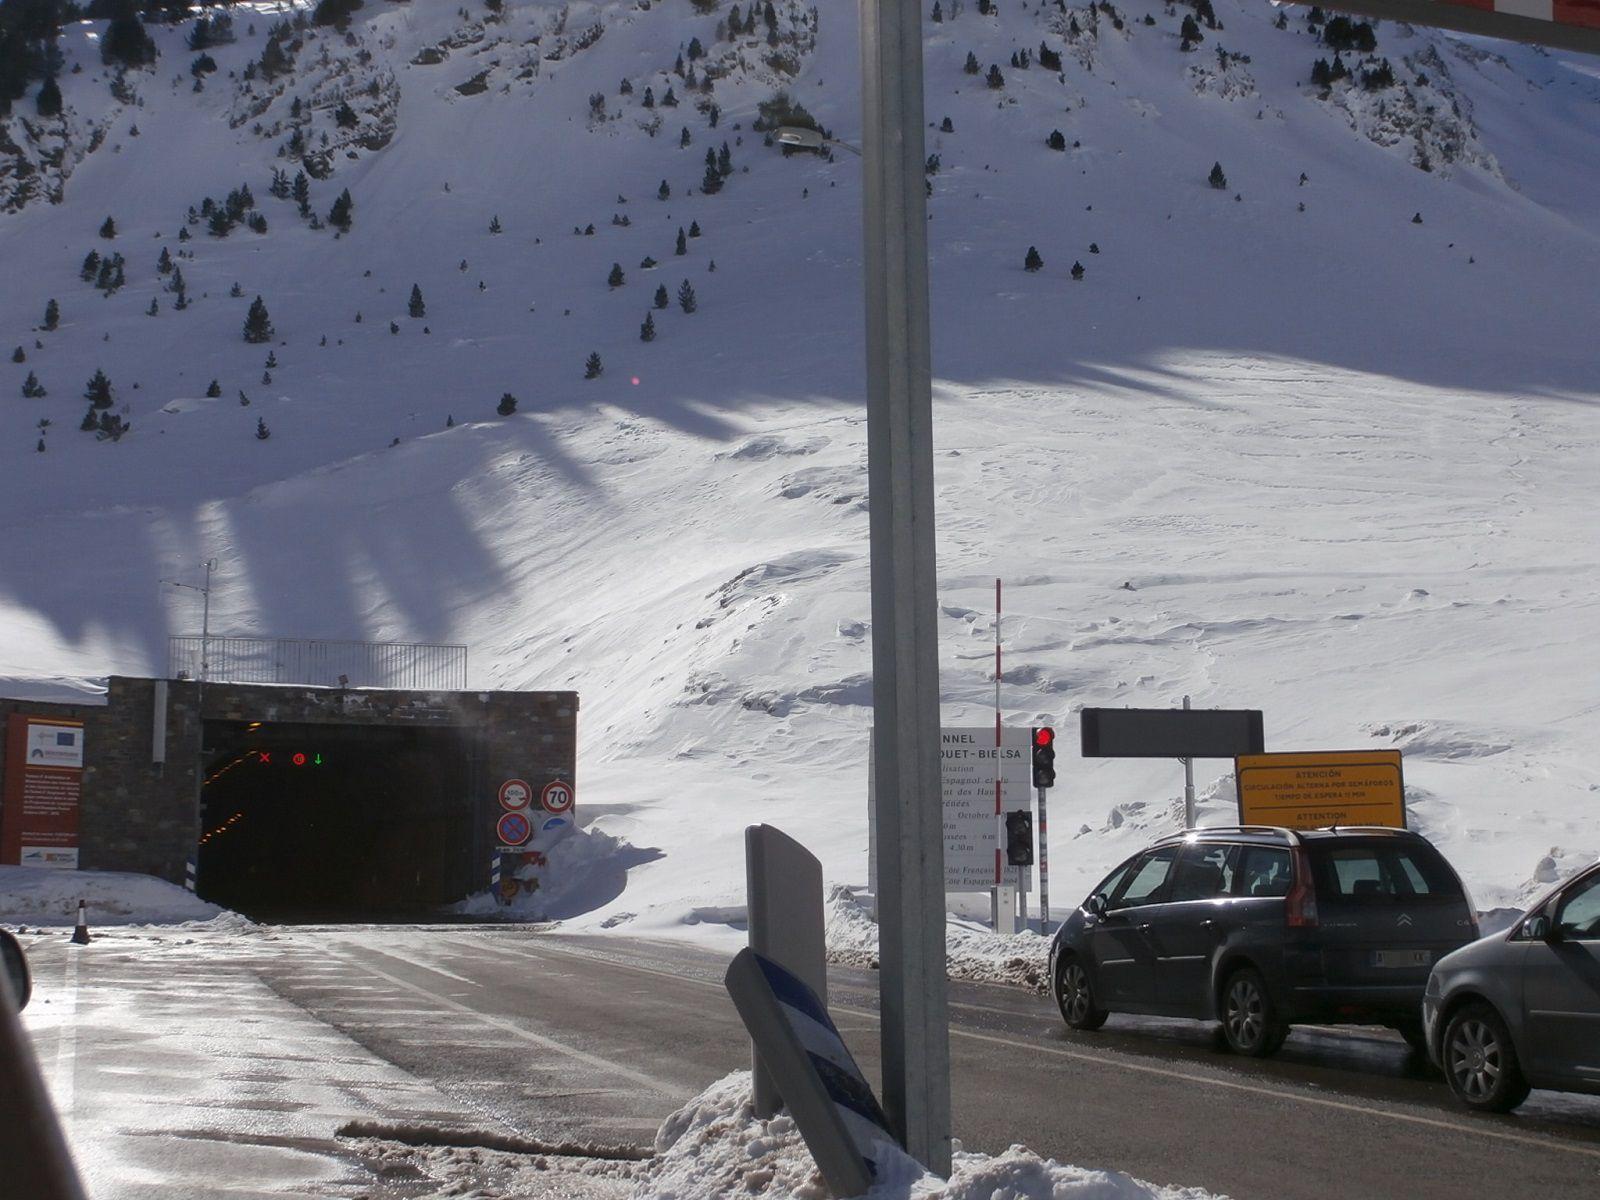 Túnel de Bielsa-Aragnouet lado francés. Foto: SobrarbeDigital.